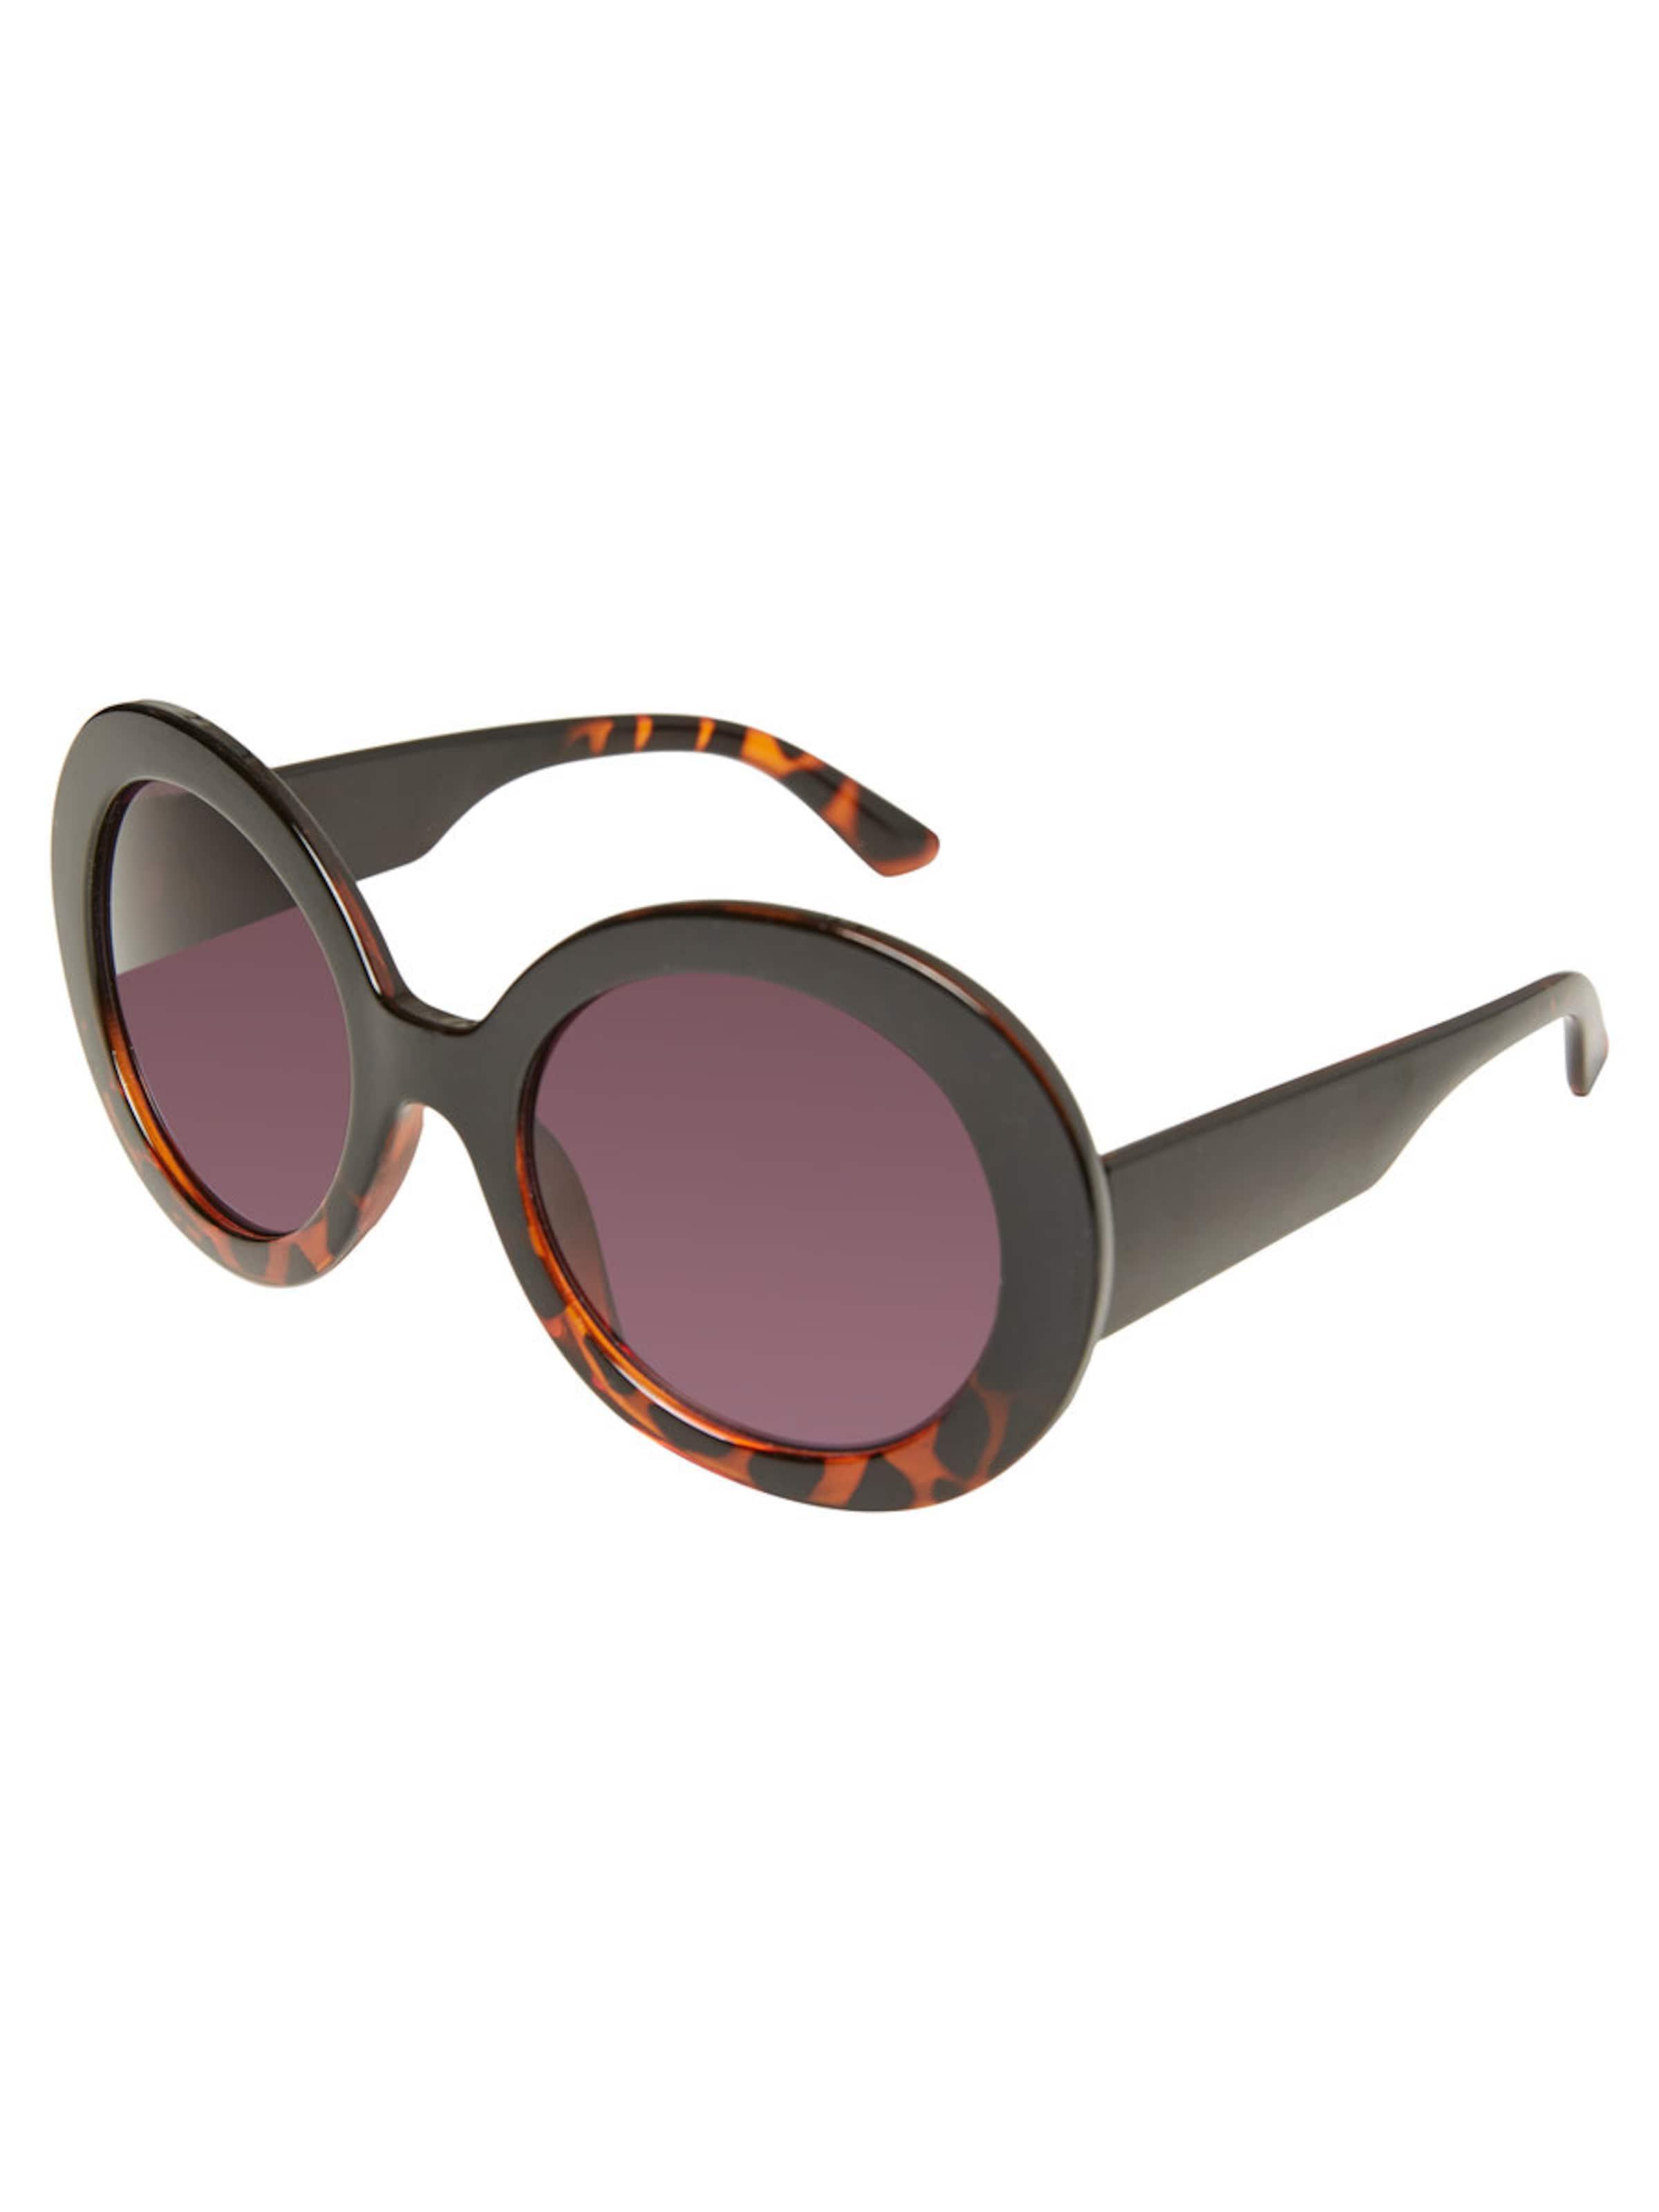 VERO MODA Classic Sonnenbrille Günstiger Preis Auslass Verkauf Billig Verkauf Kosten Neuesten Kollektionen Günstig Online Outlet Bequem oPVvH